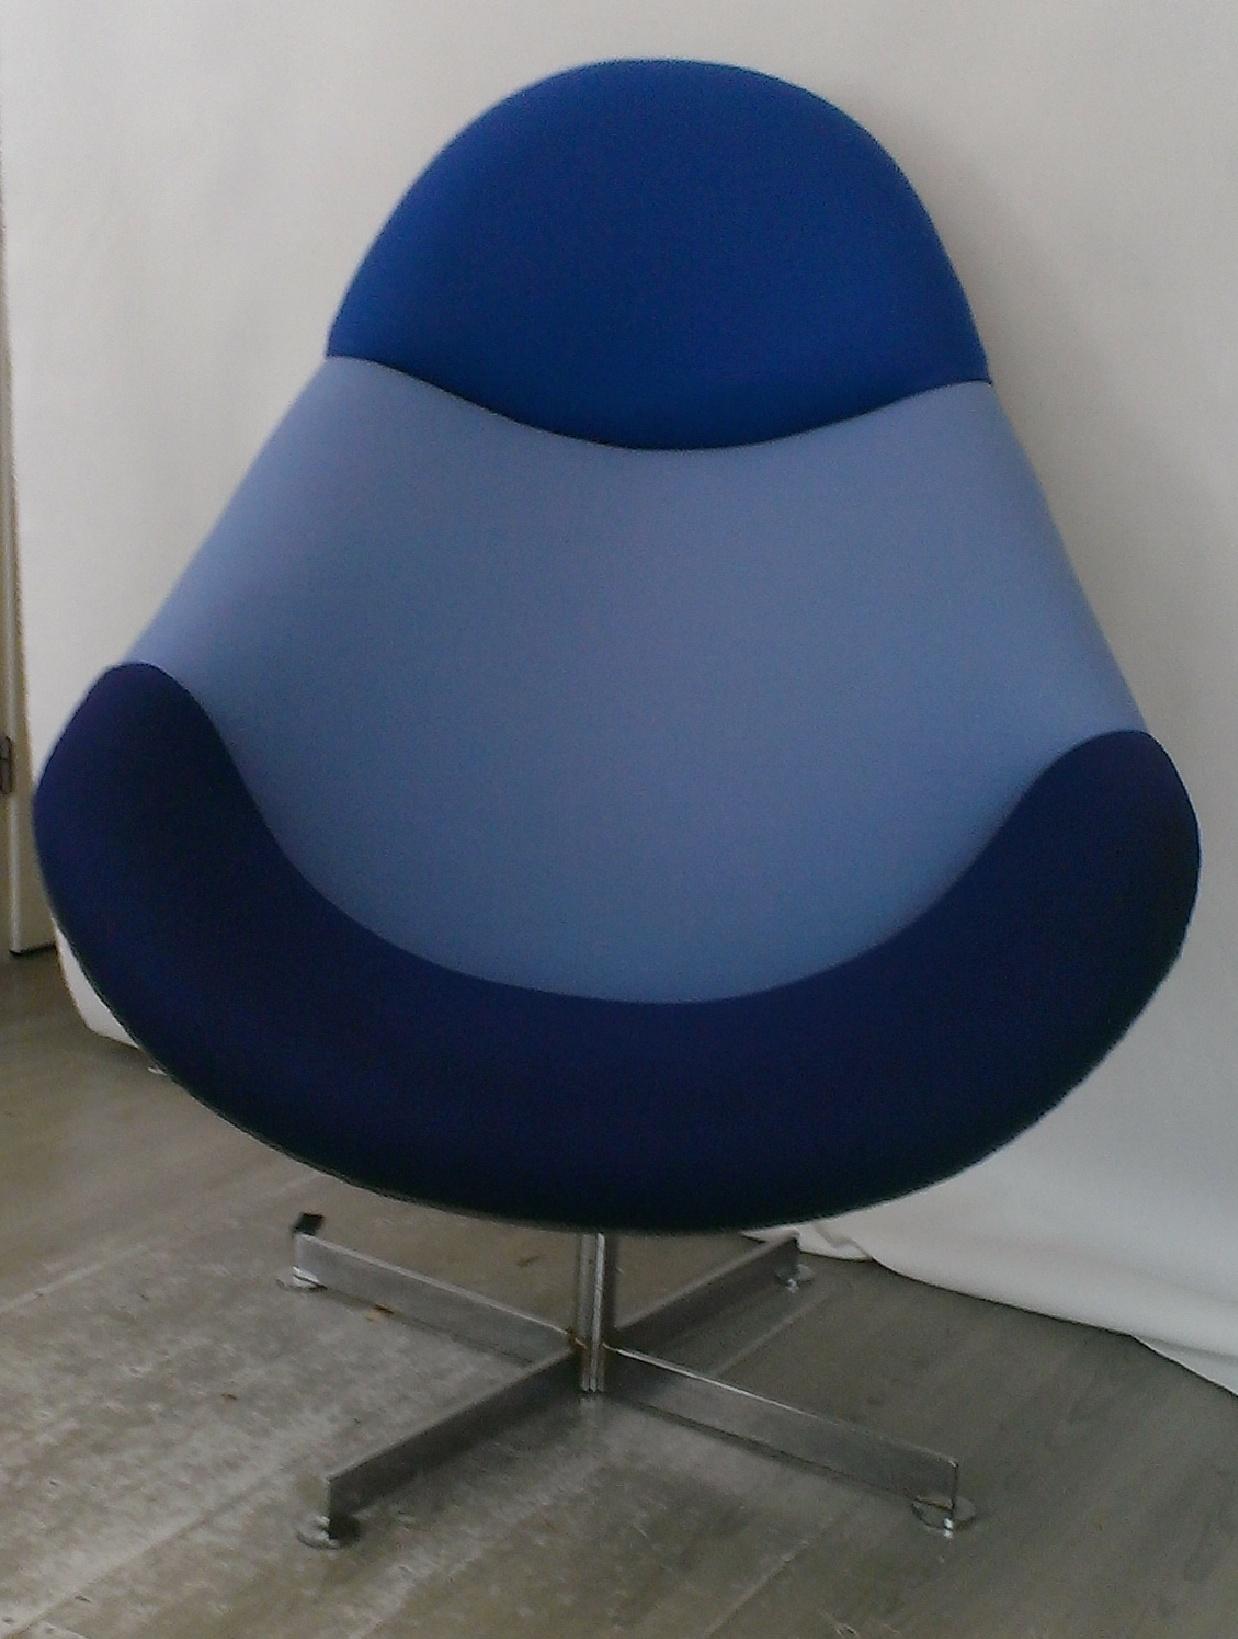 Moderne stoel in 3 kleuren stof van Kvadrat, Hallingdal